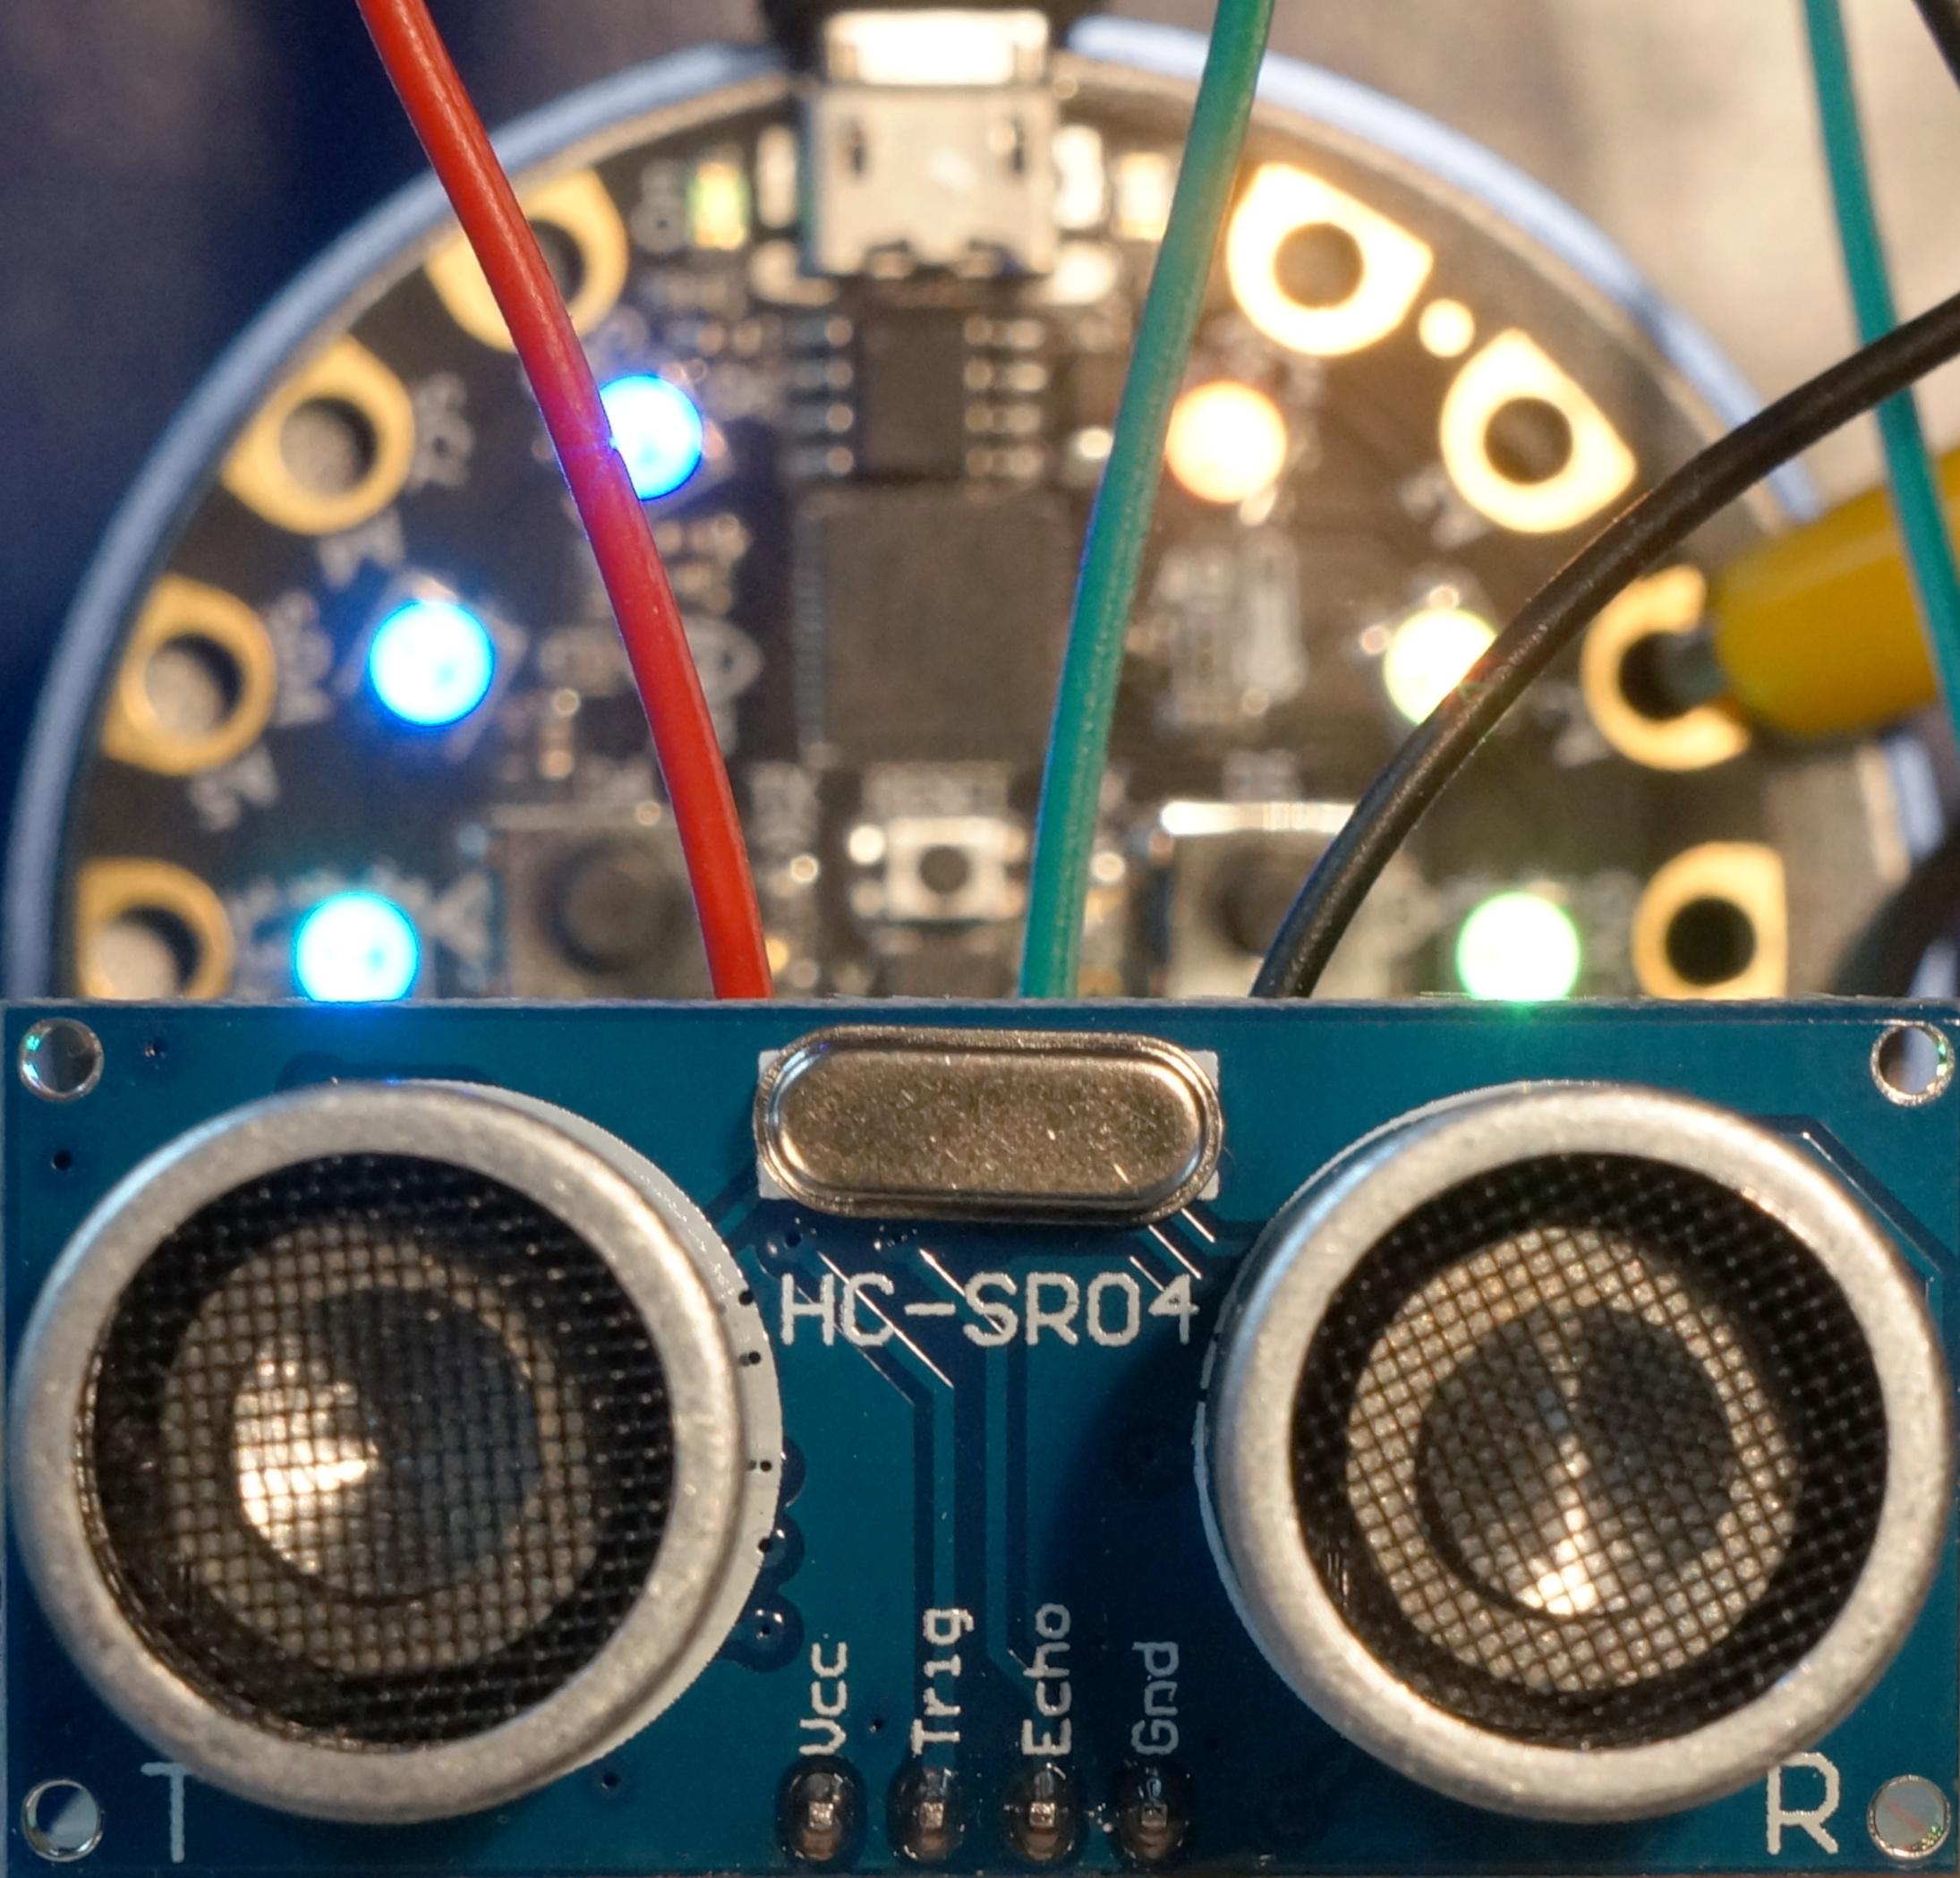 sensors_hcsr04-over-cpx-brighter.jpg